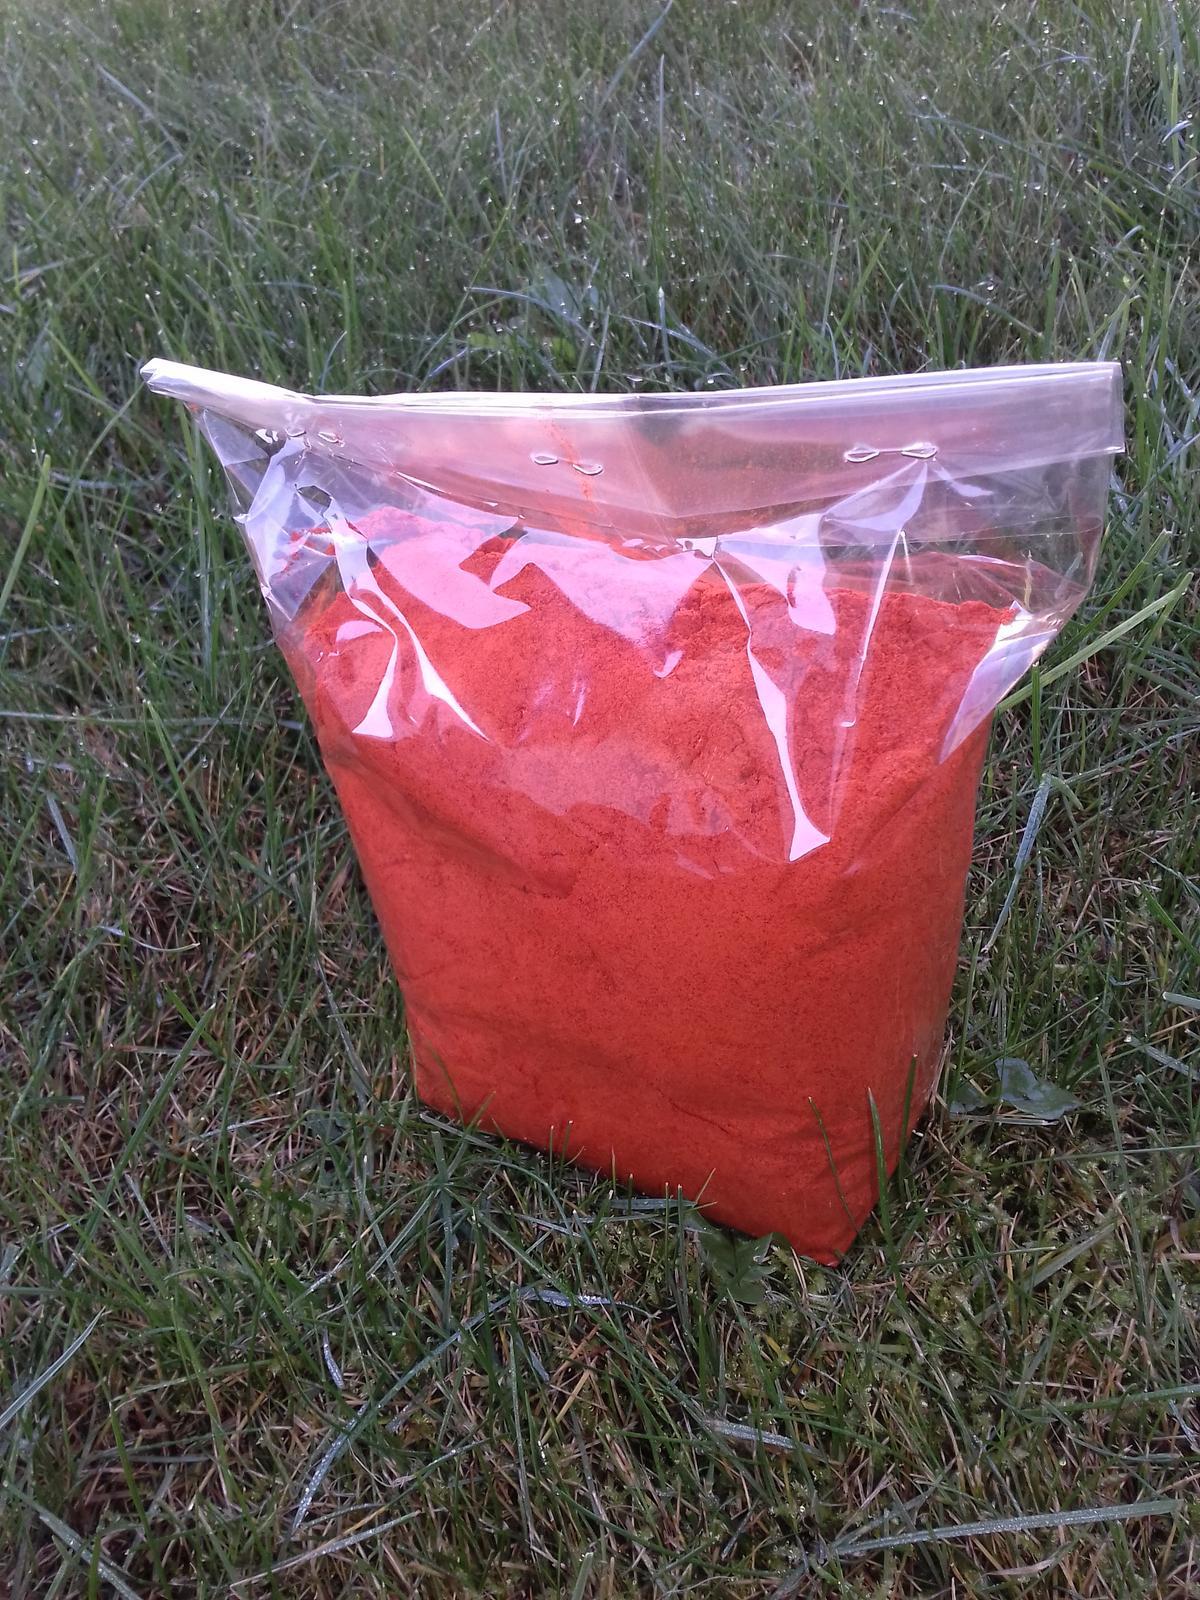 Mletá domáca červená paprika - Obrázok č. 2